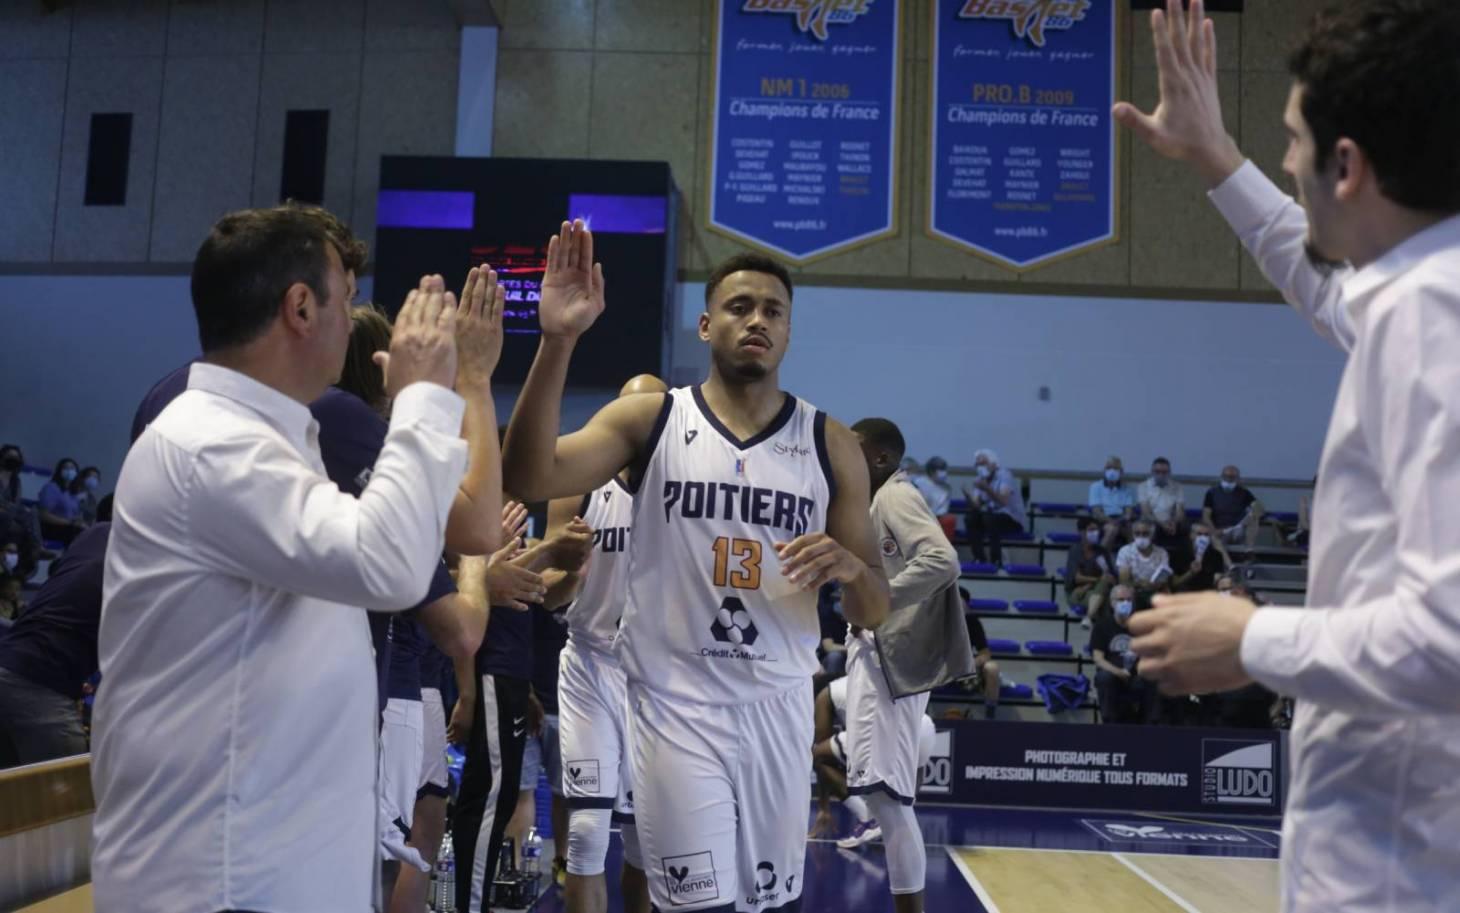 Basket - A La Rochelle, le PB veut continuer à avancer